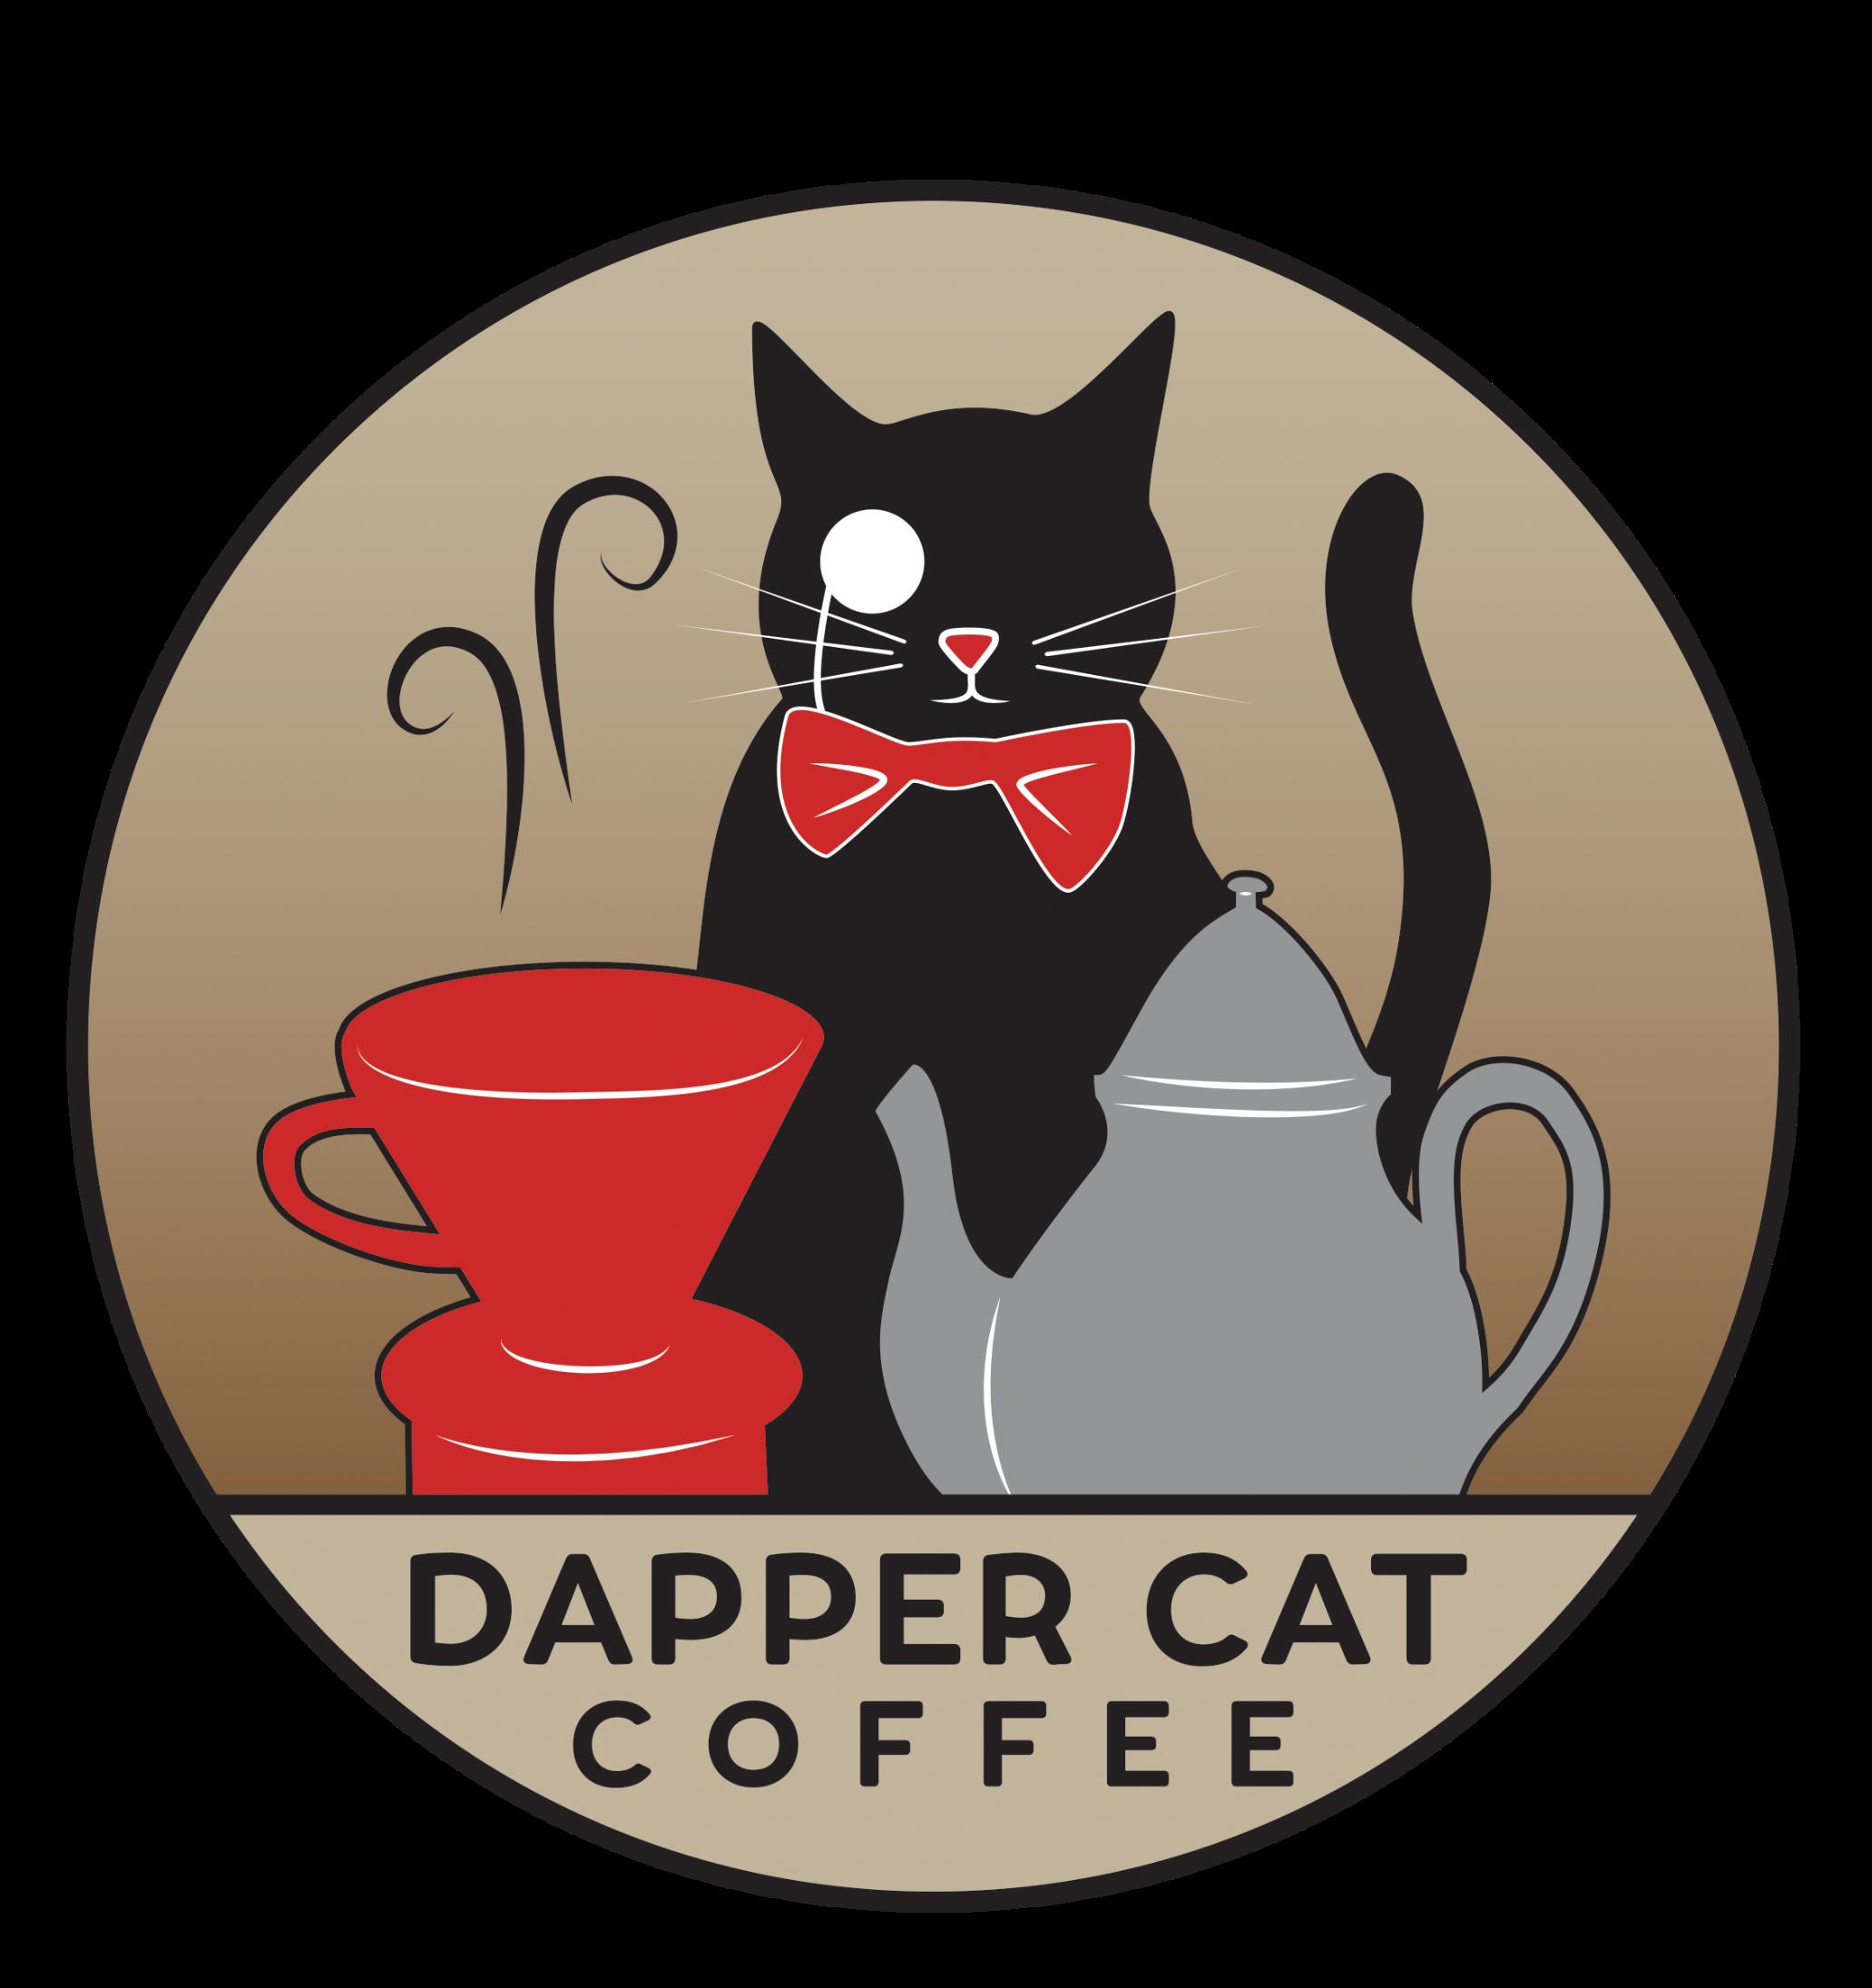 Dapper Cat Coffee